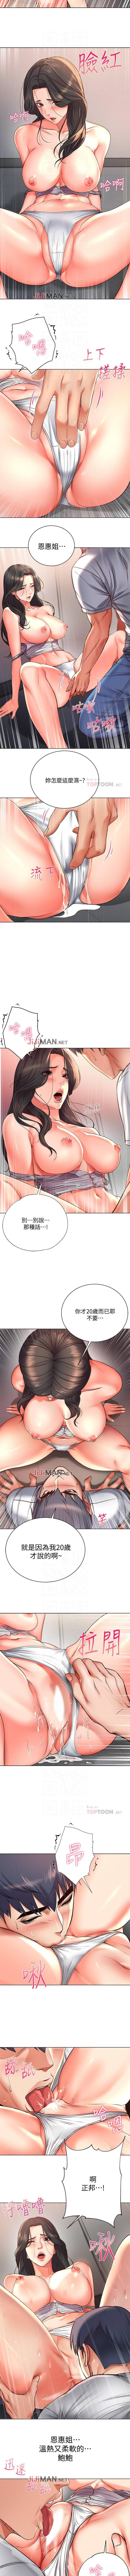 【周三连载】超市的漂亮姐姐(作者:北鼻&逃兵) 第1~40话 215